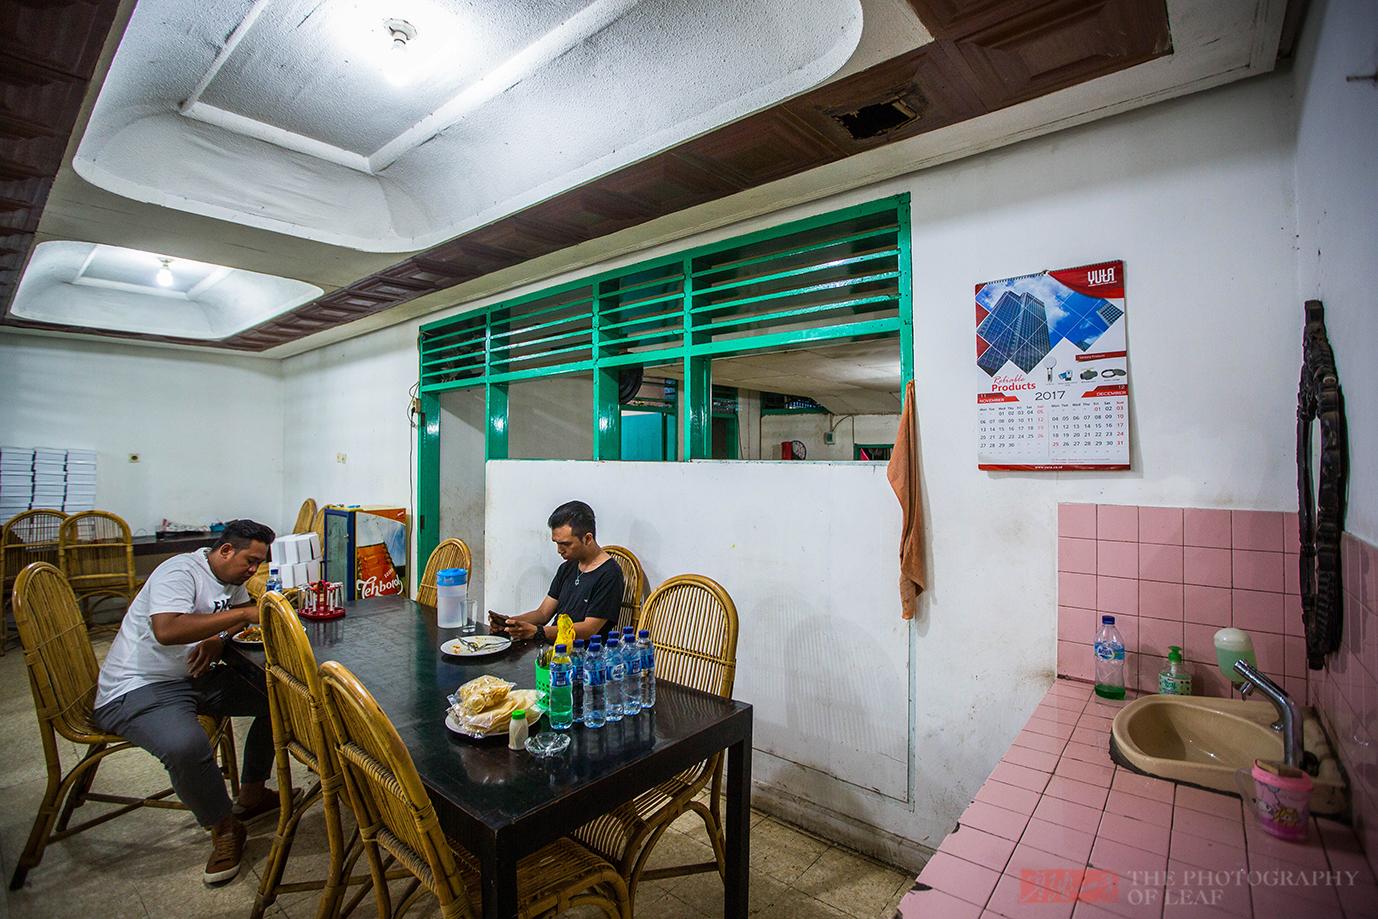 印尼人用手抓饭吃,他们认为这样吃很有快感,你认同吗?